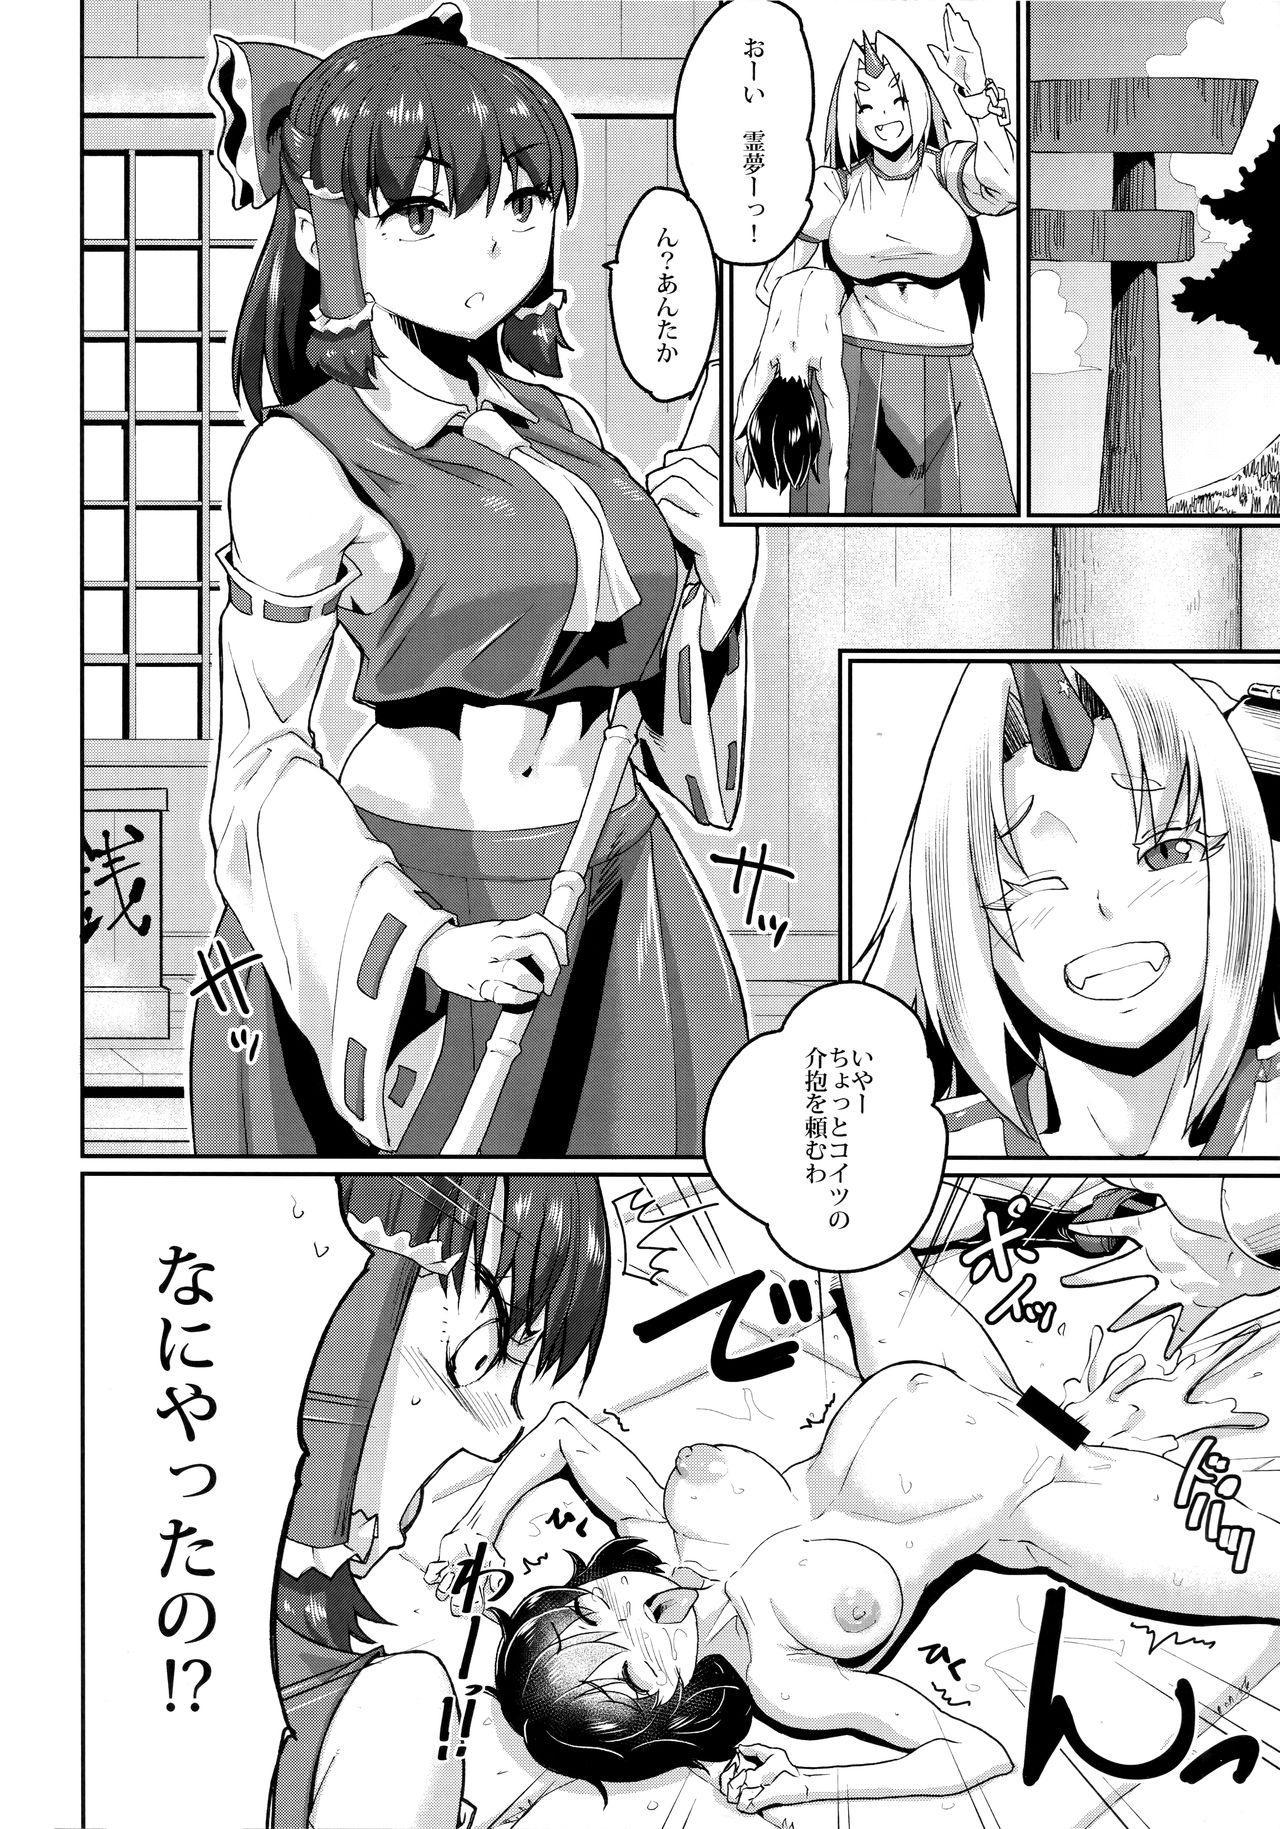 Yuugi no Yori Yoi Seiseikatsu 12